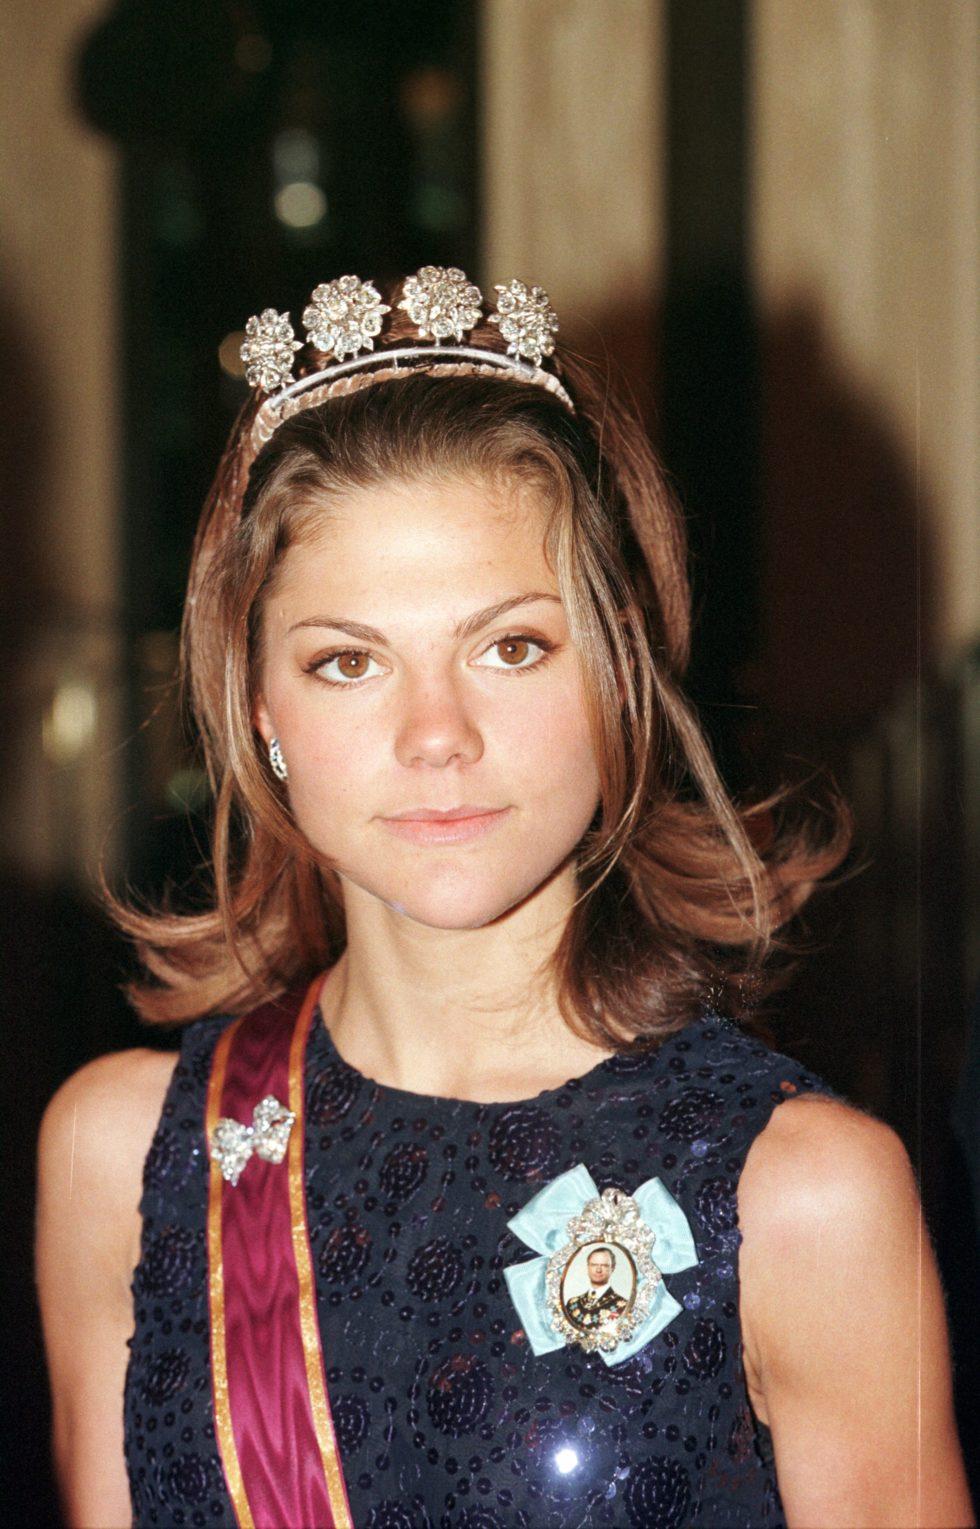 Det Var Under Hosten  Som Hovet Berattade Att Kronprinsessan Victoria Drabbats Av Anorexia